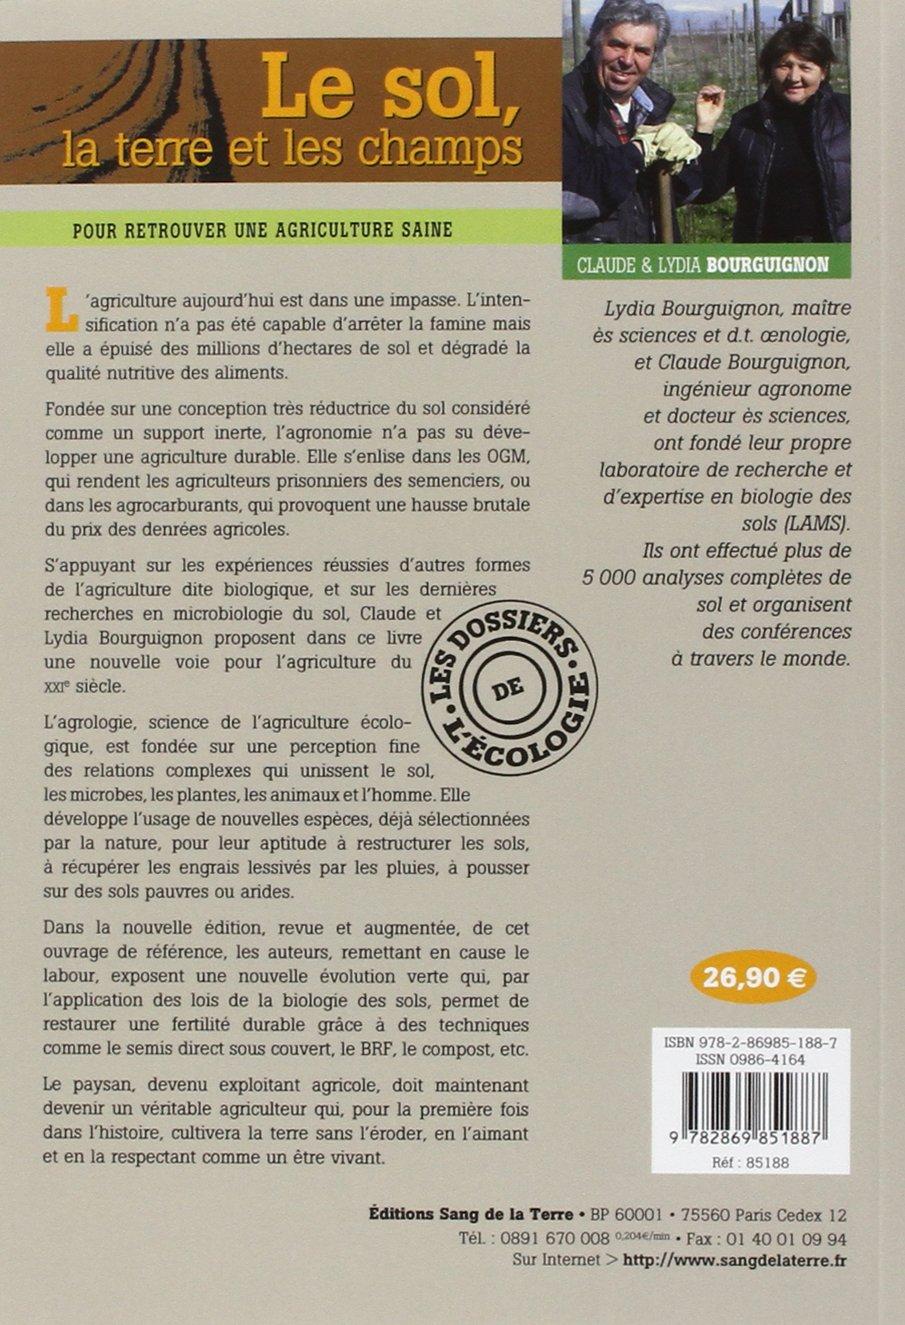 le sol, la terre et les champs: 8: Amazon.com: Books